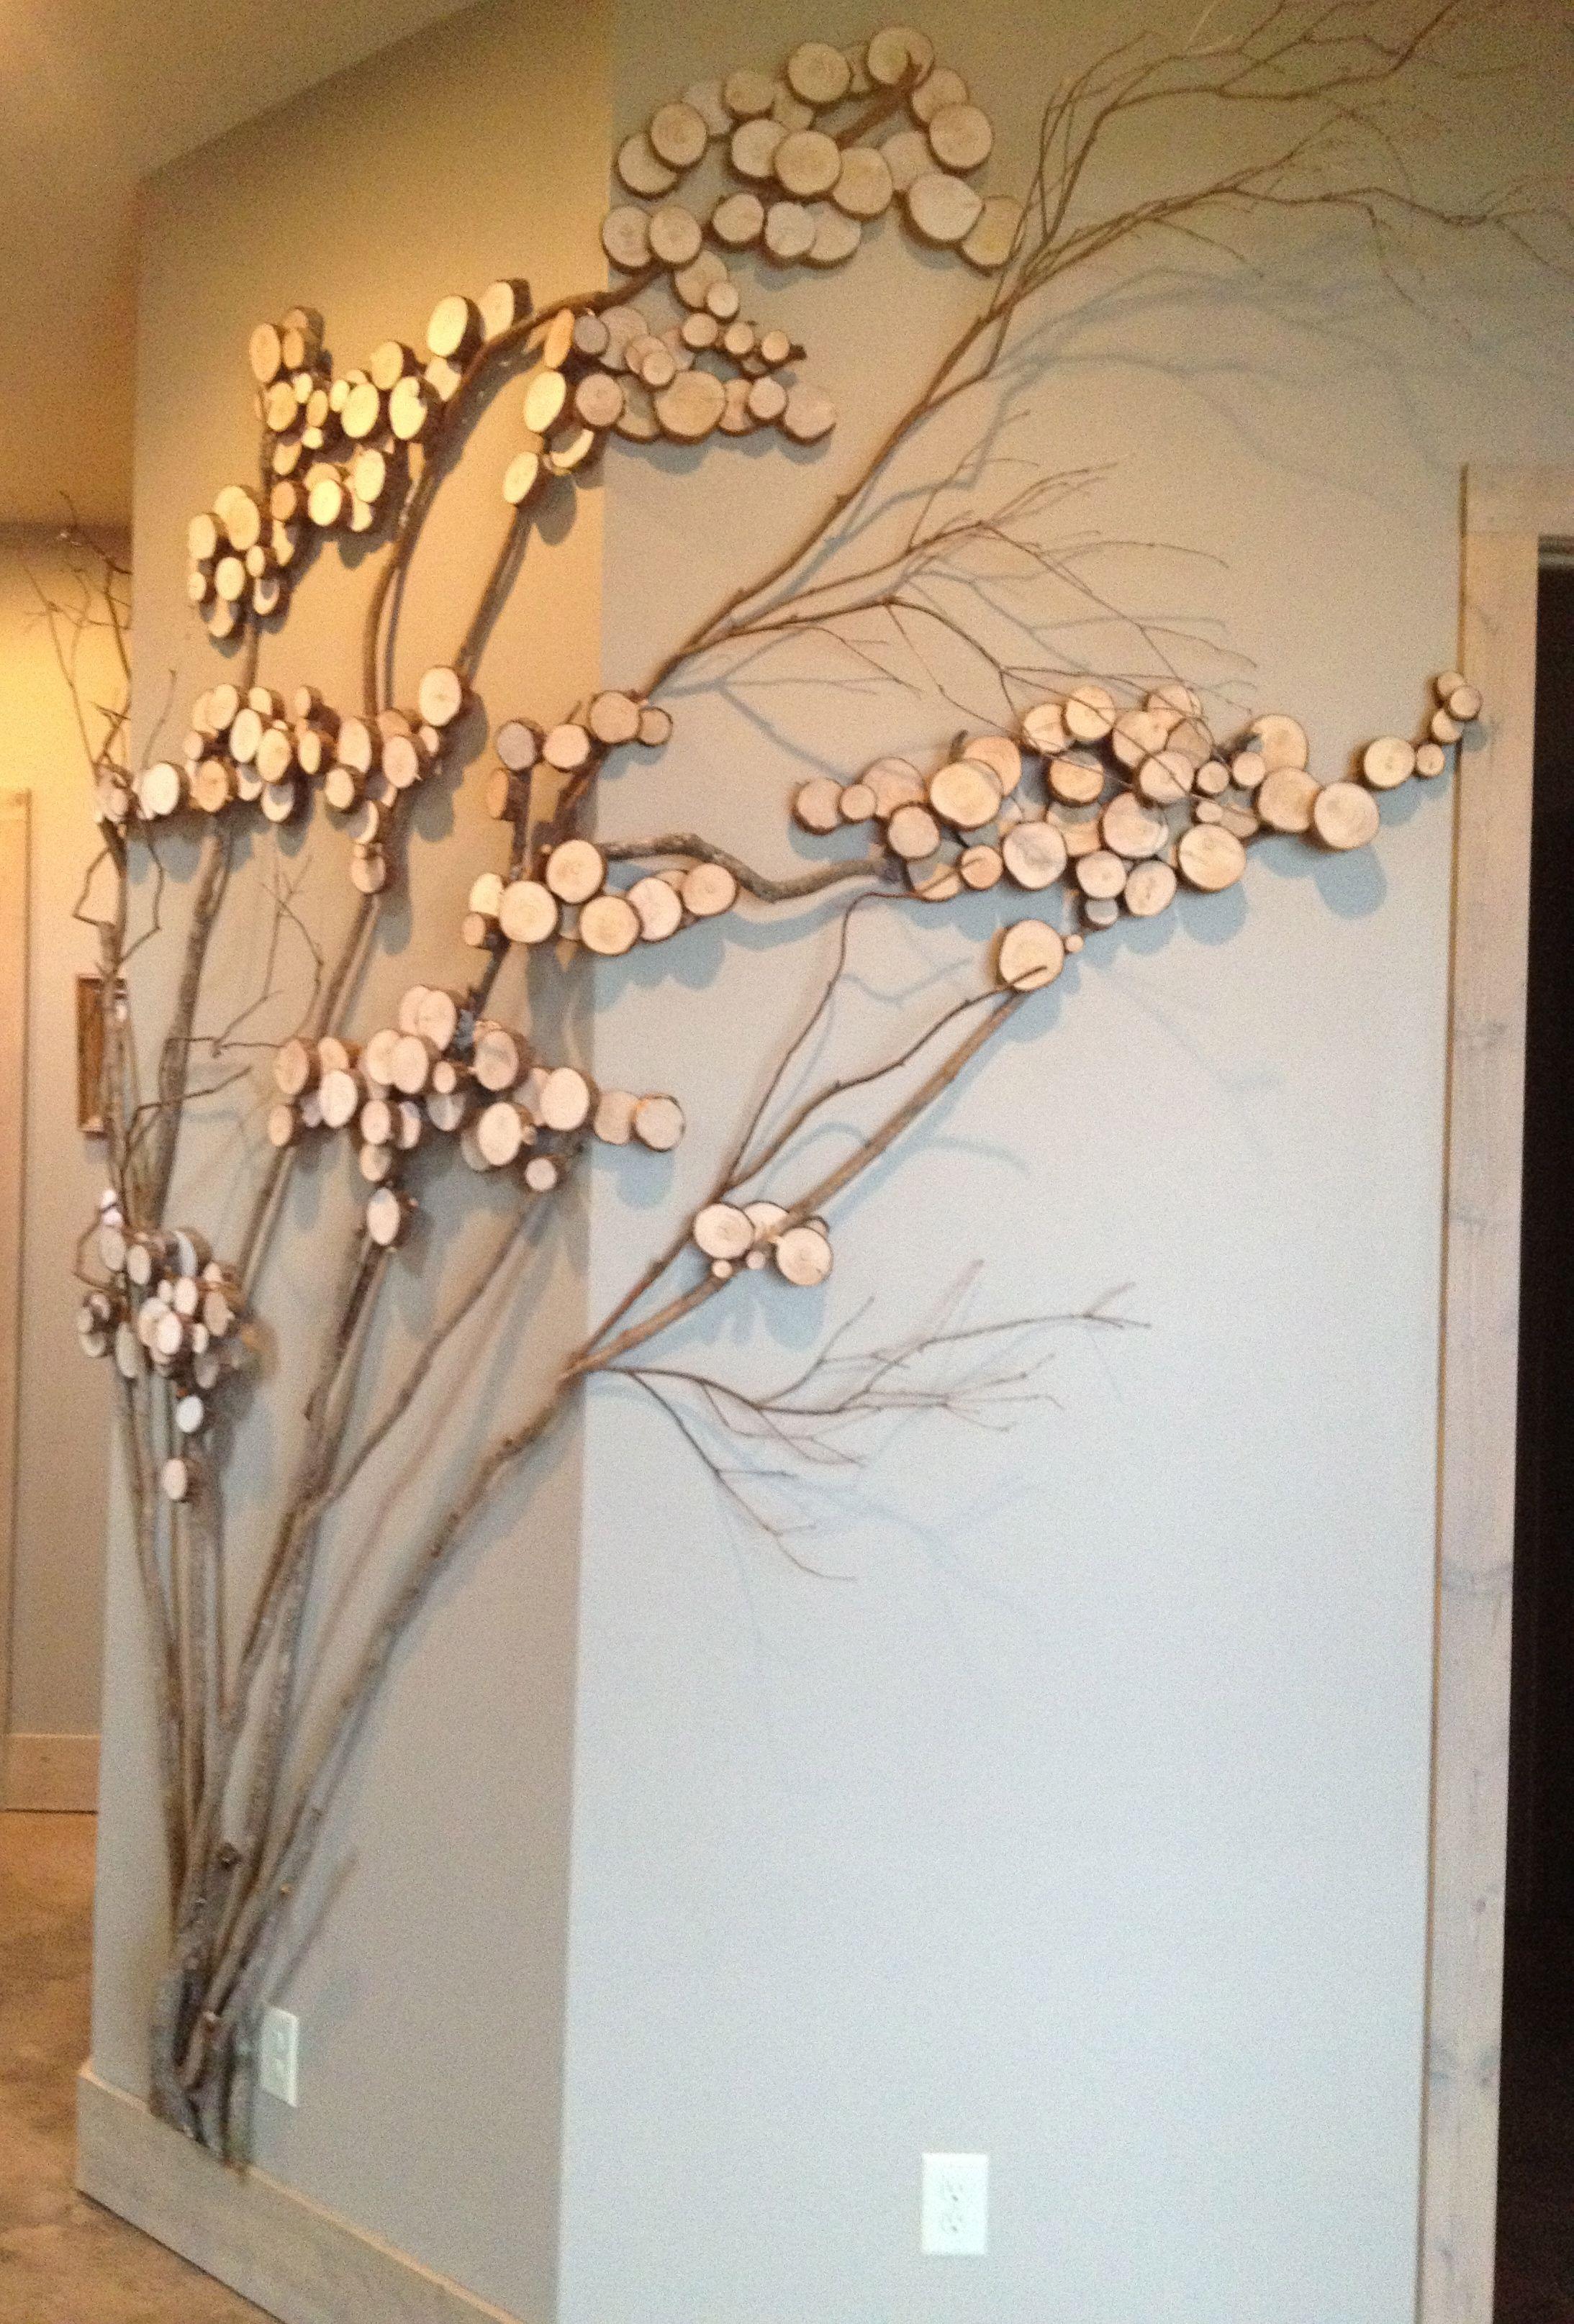 Badezimmer dekor mit einweckgläsern refining tree art twig art for wall decor wall art with mountain